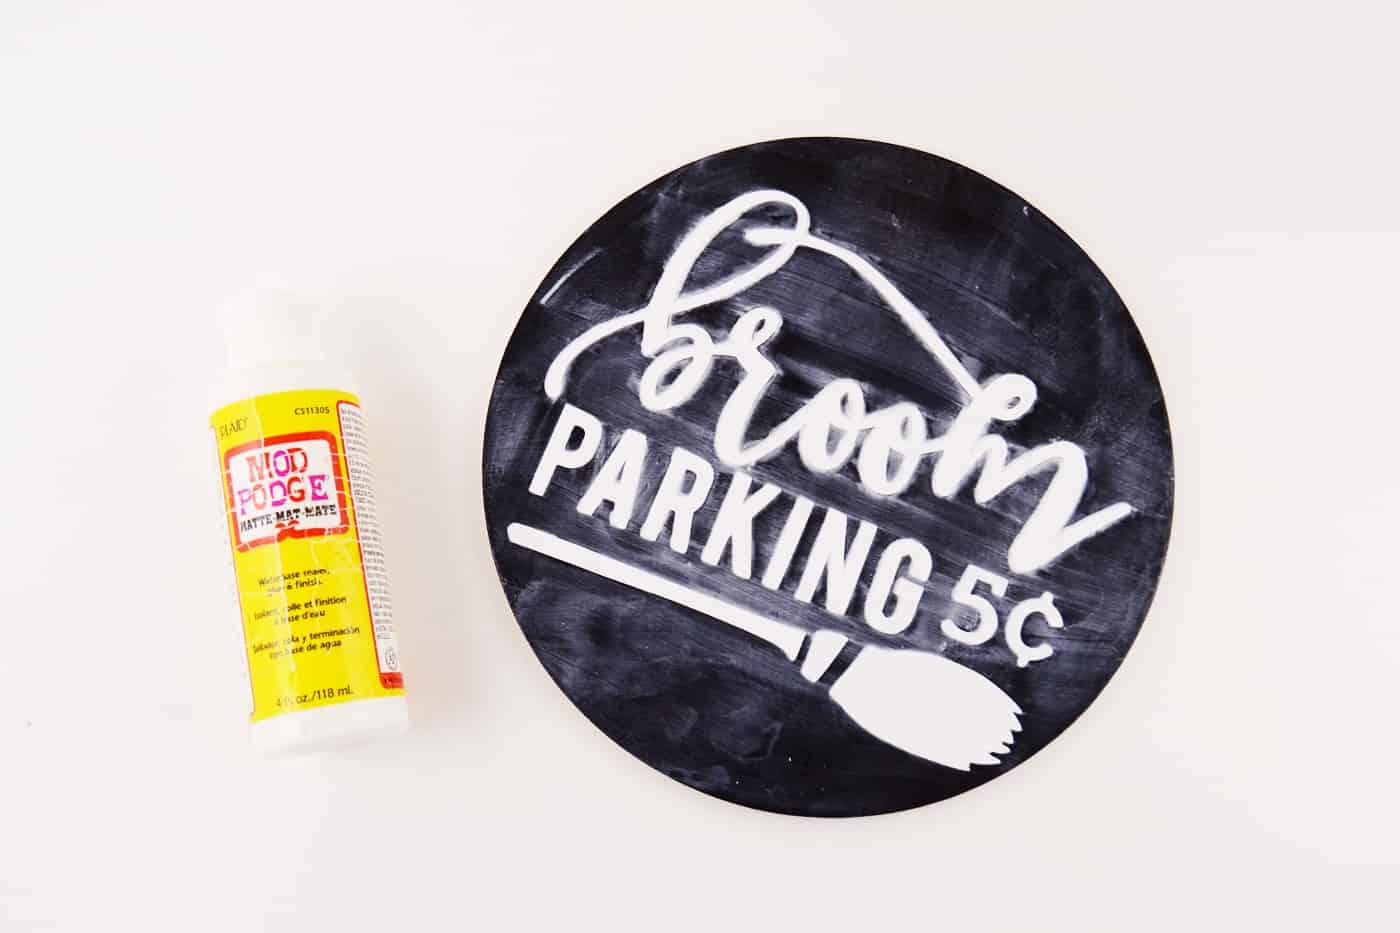 broom-parking-sign-1